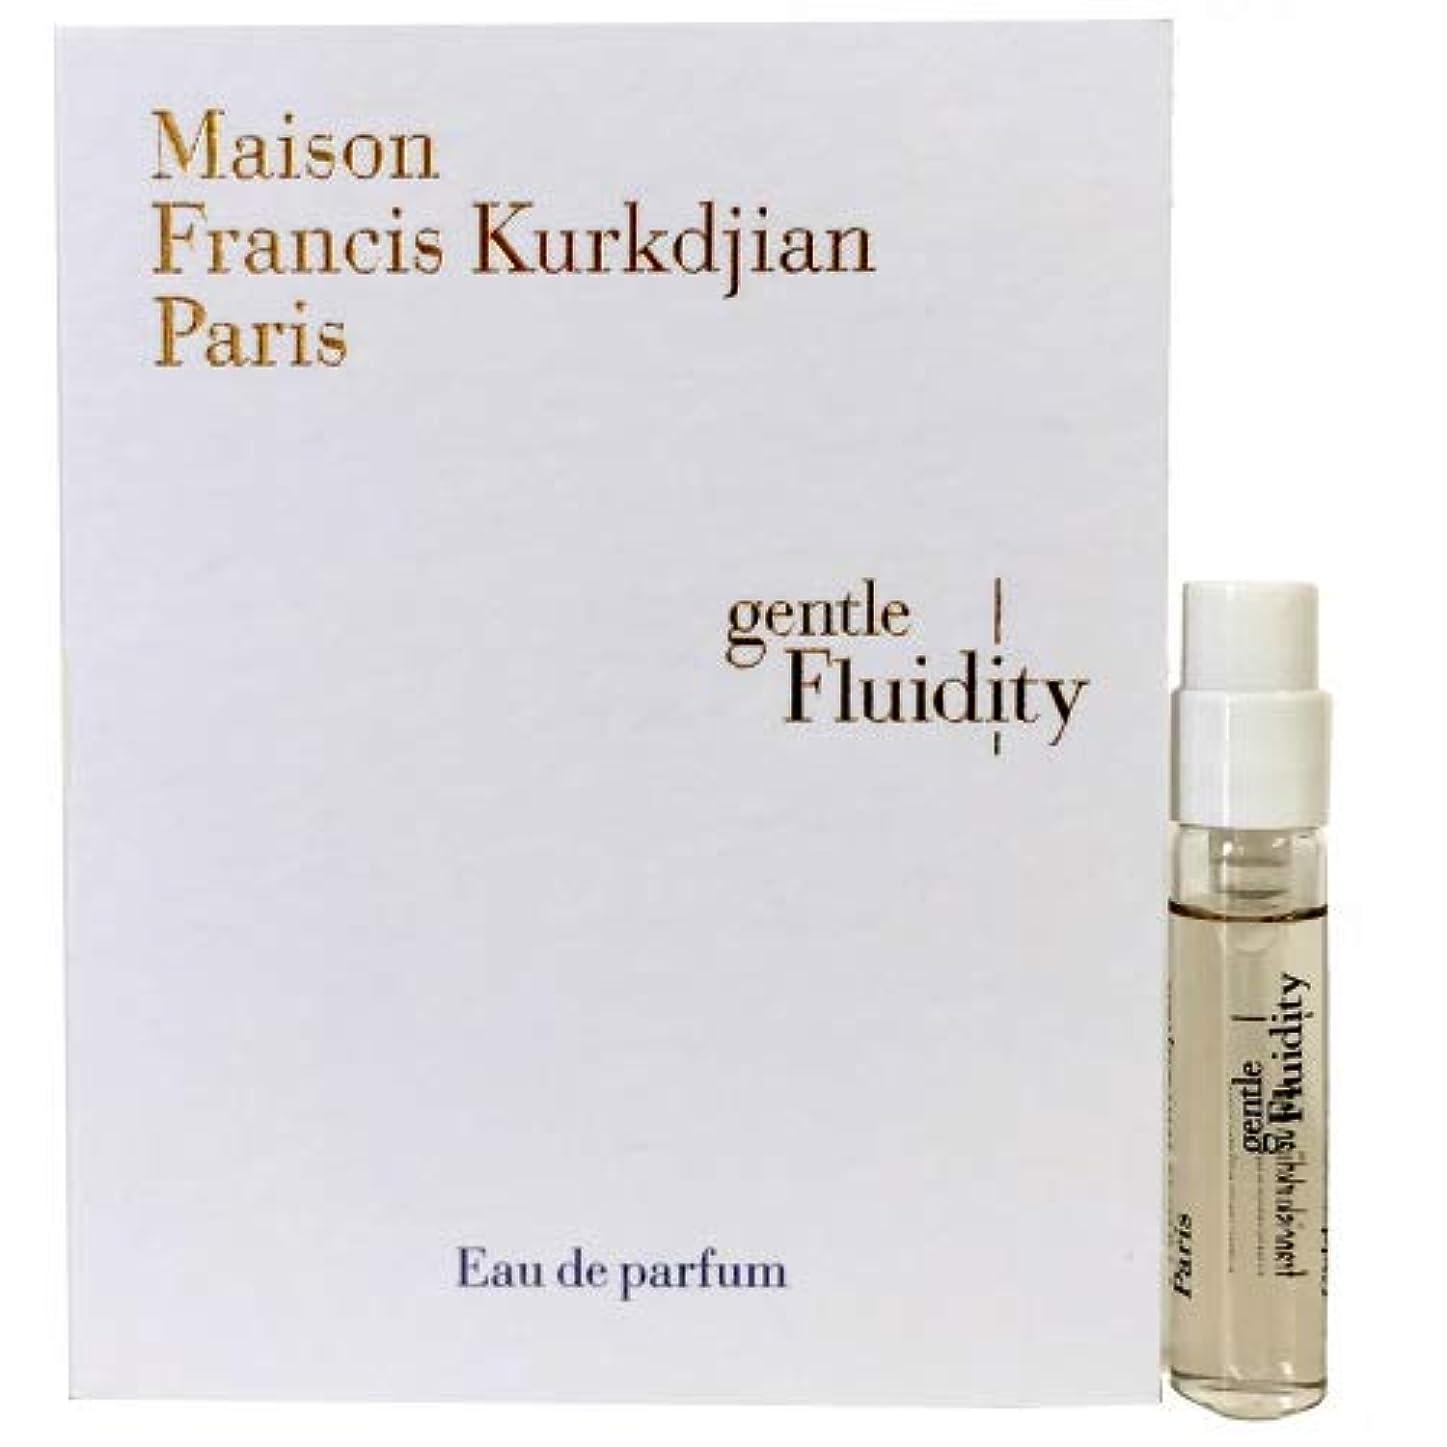 制約ようこそバックグラウンドメゾン フランシス クルジャン ジェントル フルーイディティ ゴールド オードパルファン 2ml(Maison Francis Kurkdjian Gentle fluidity Gold EDP Vial Sample...